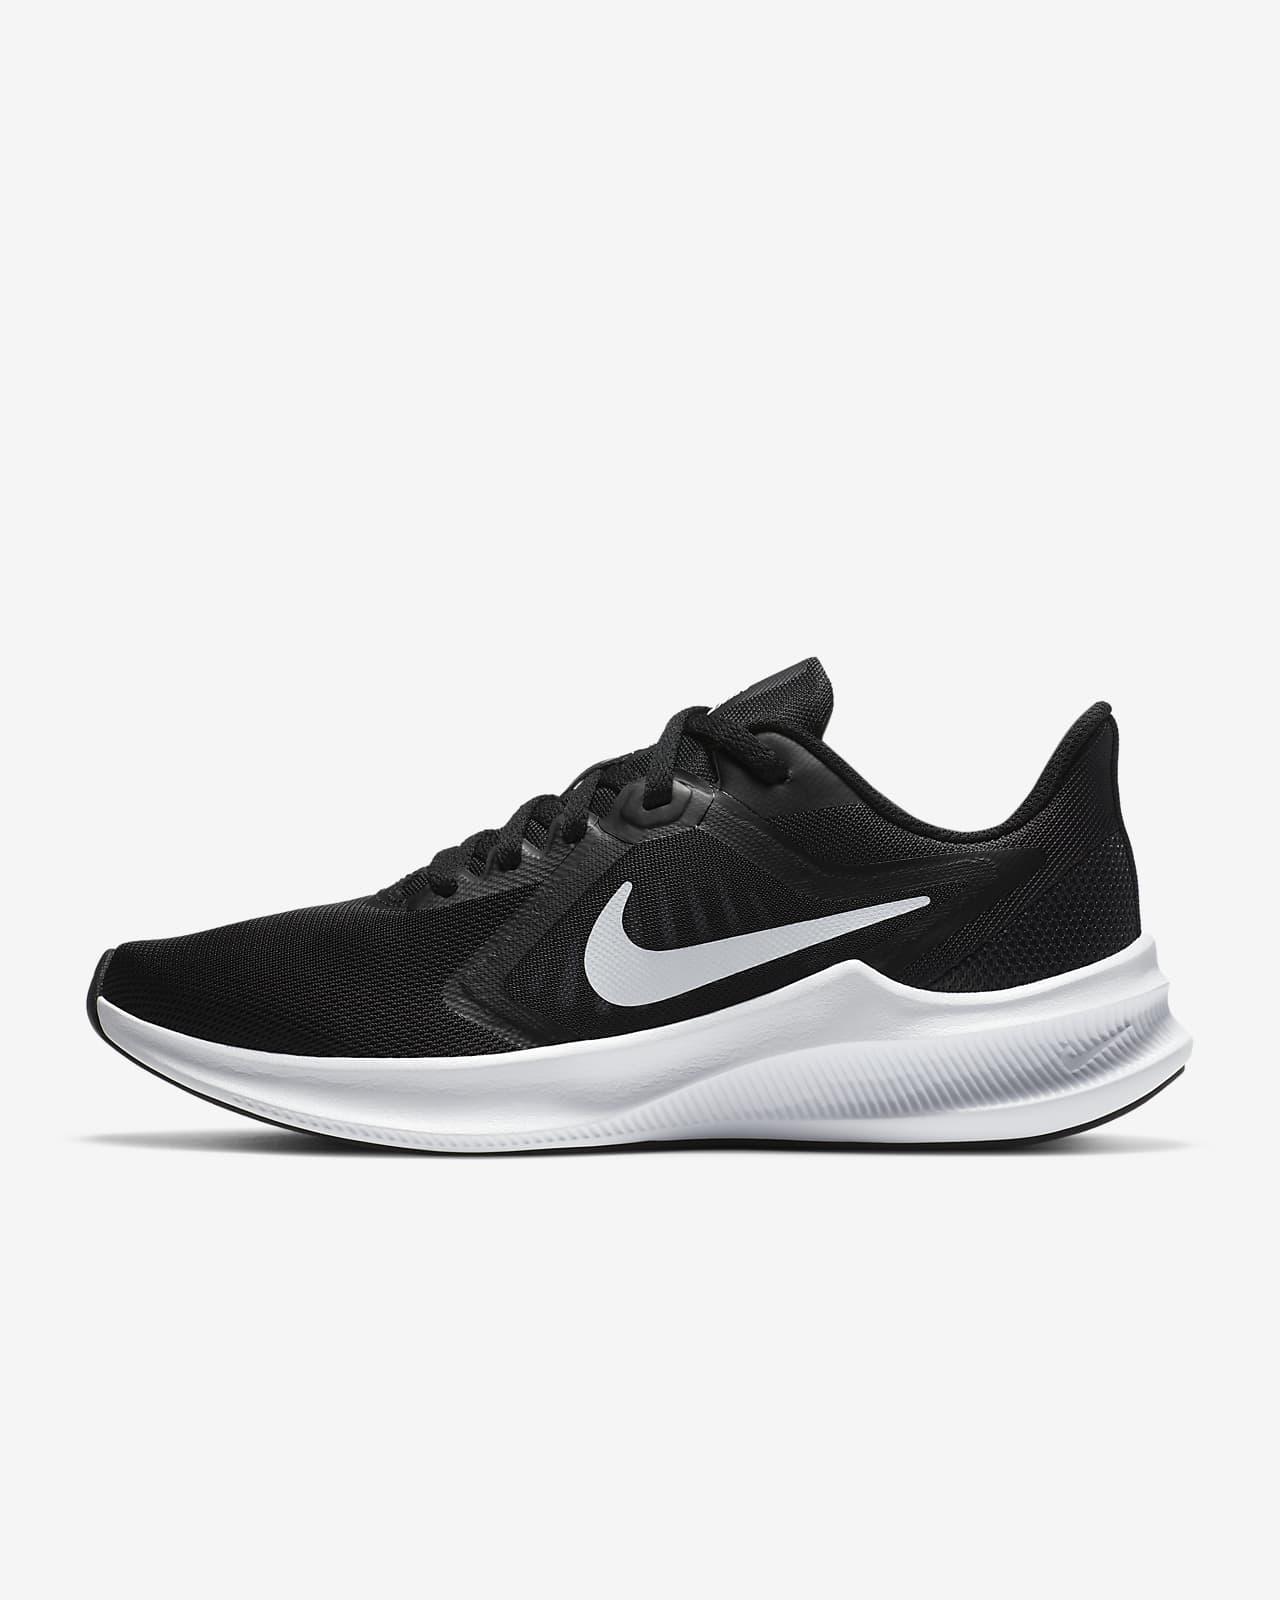 Chaussure de running Nike Downshifter 10 pour Femme